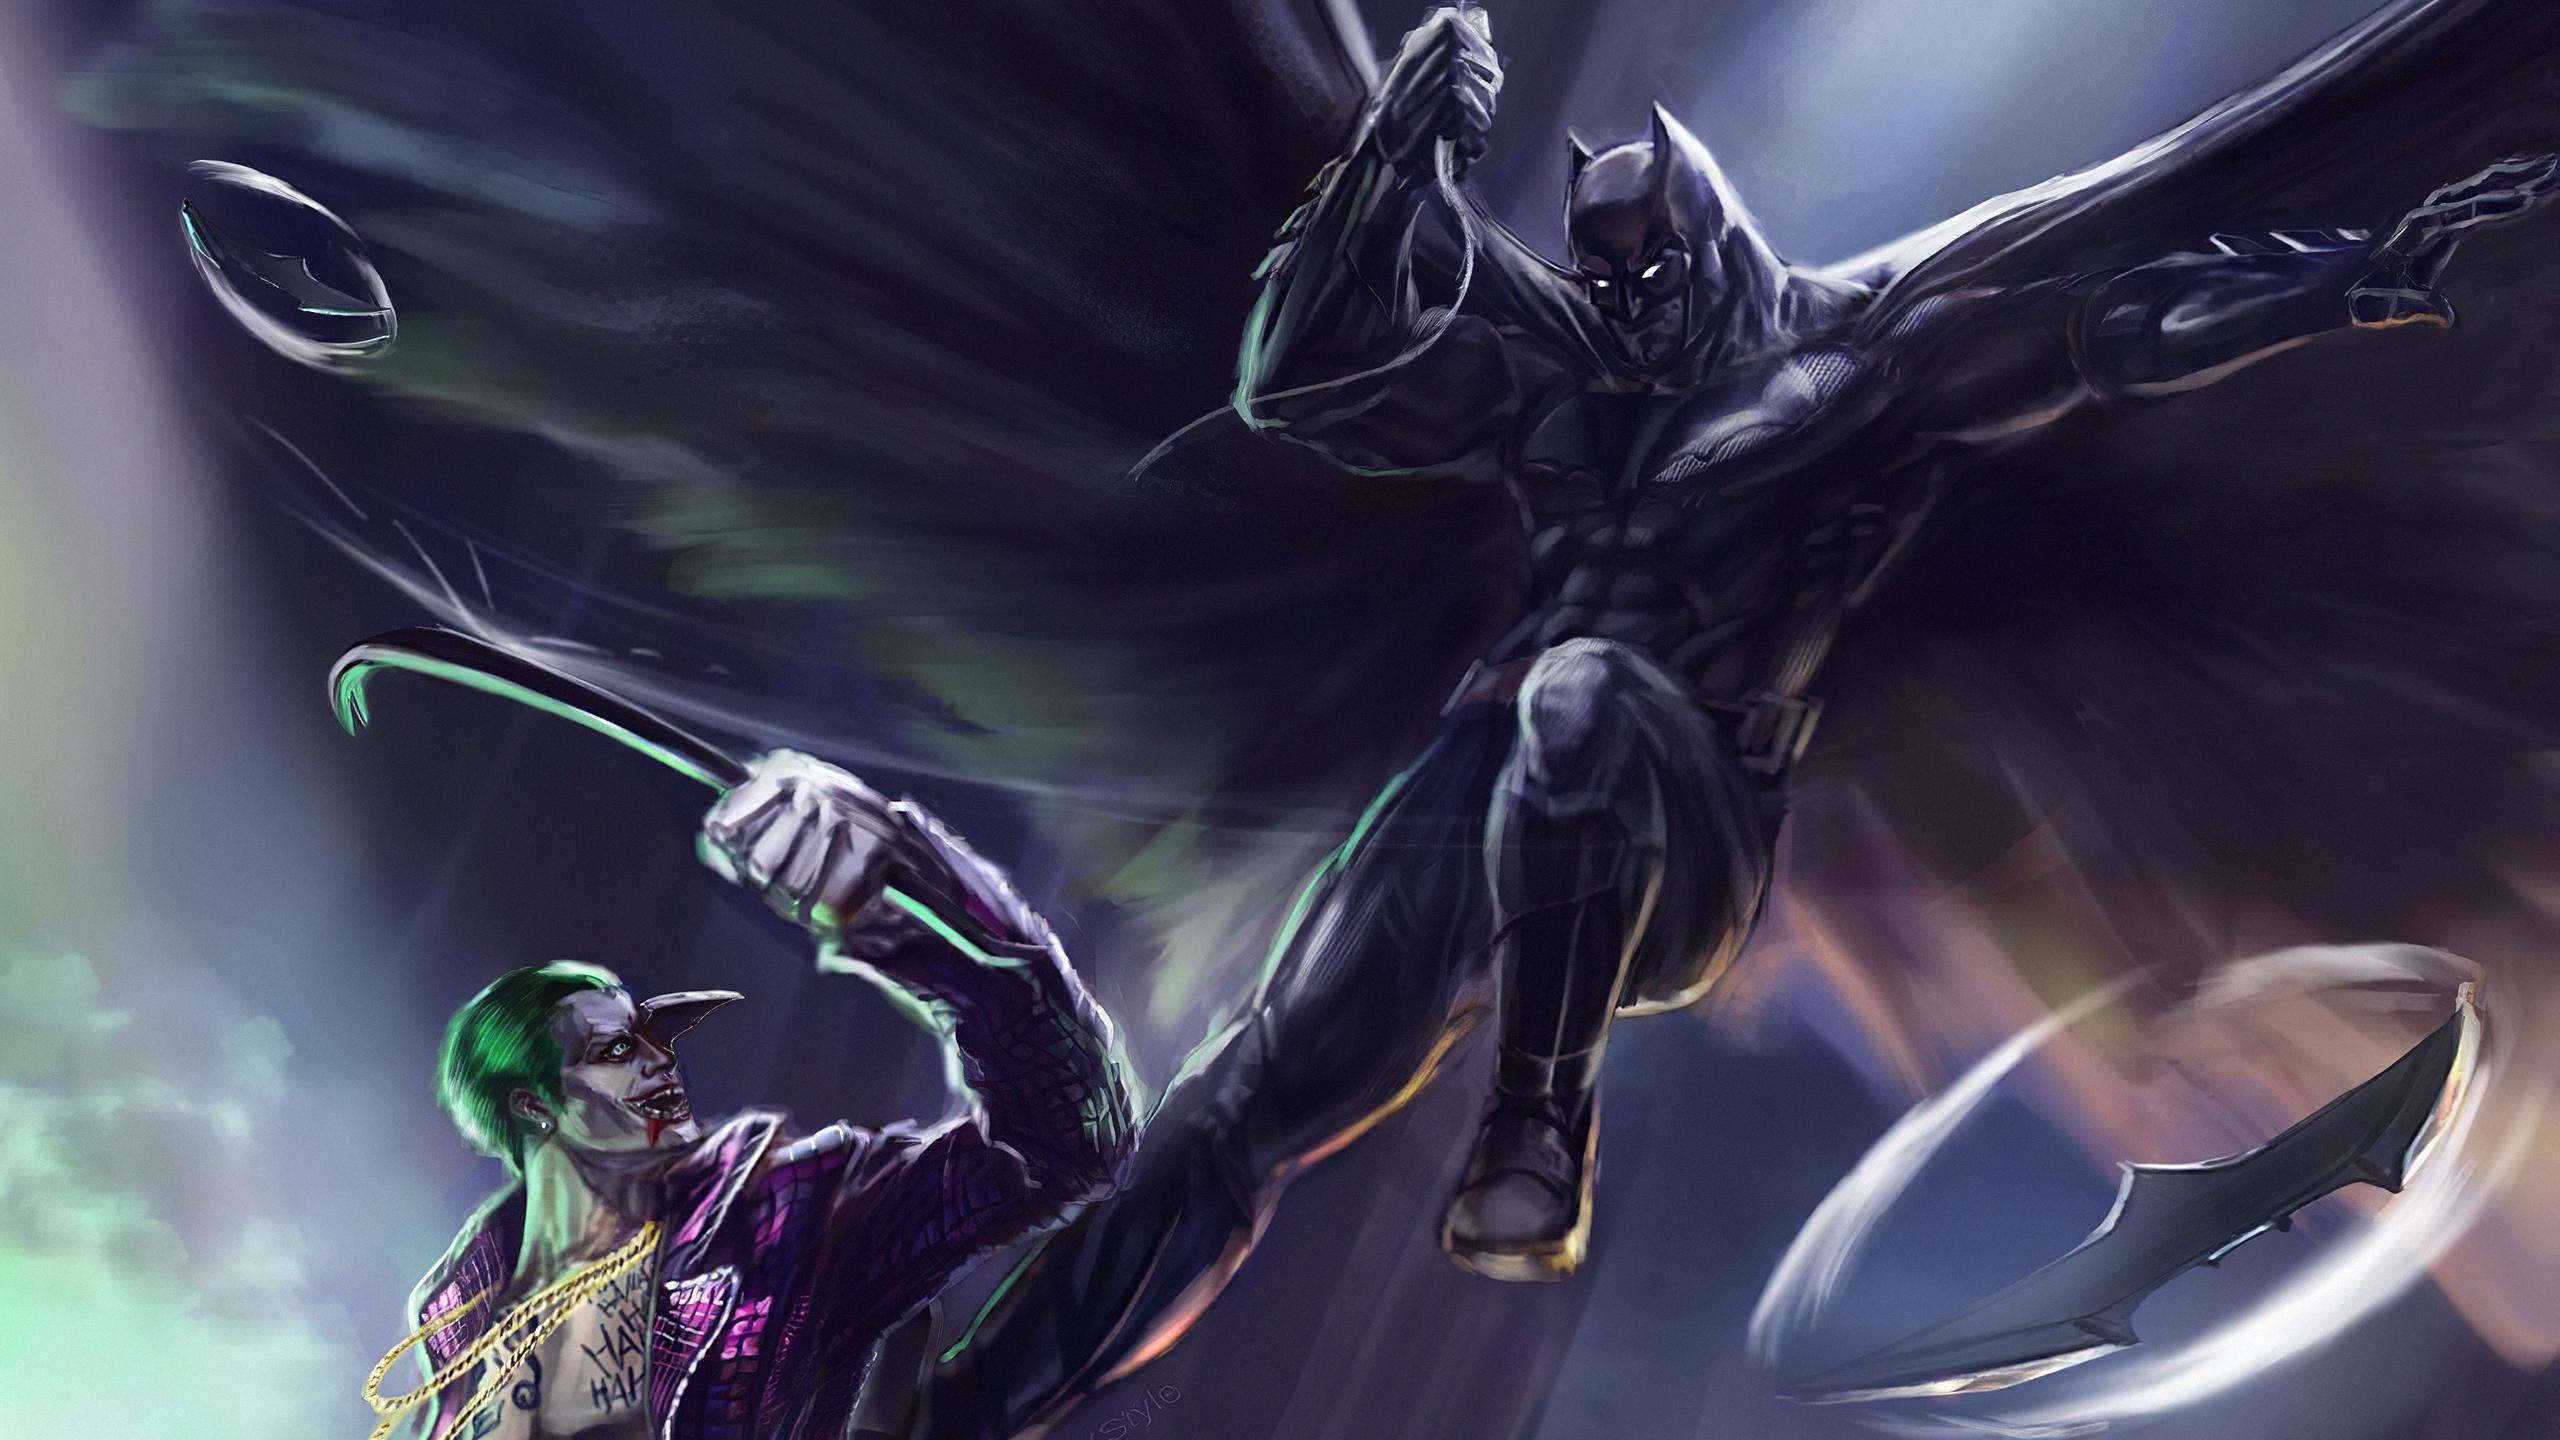 joker-vs-bat-yj.jpg